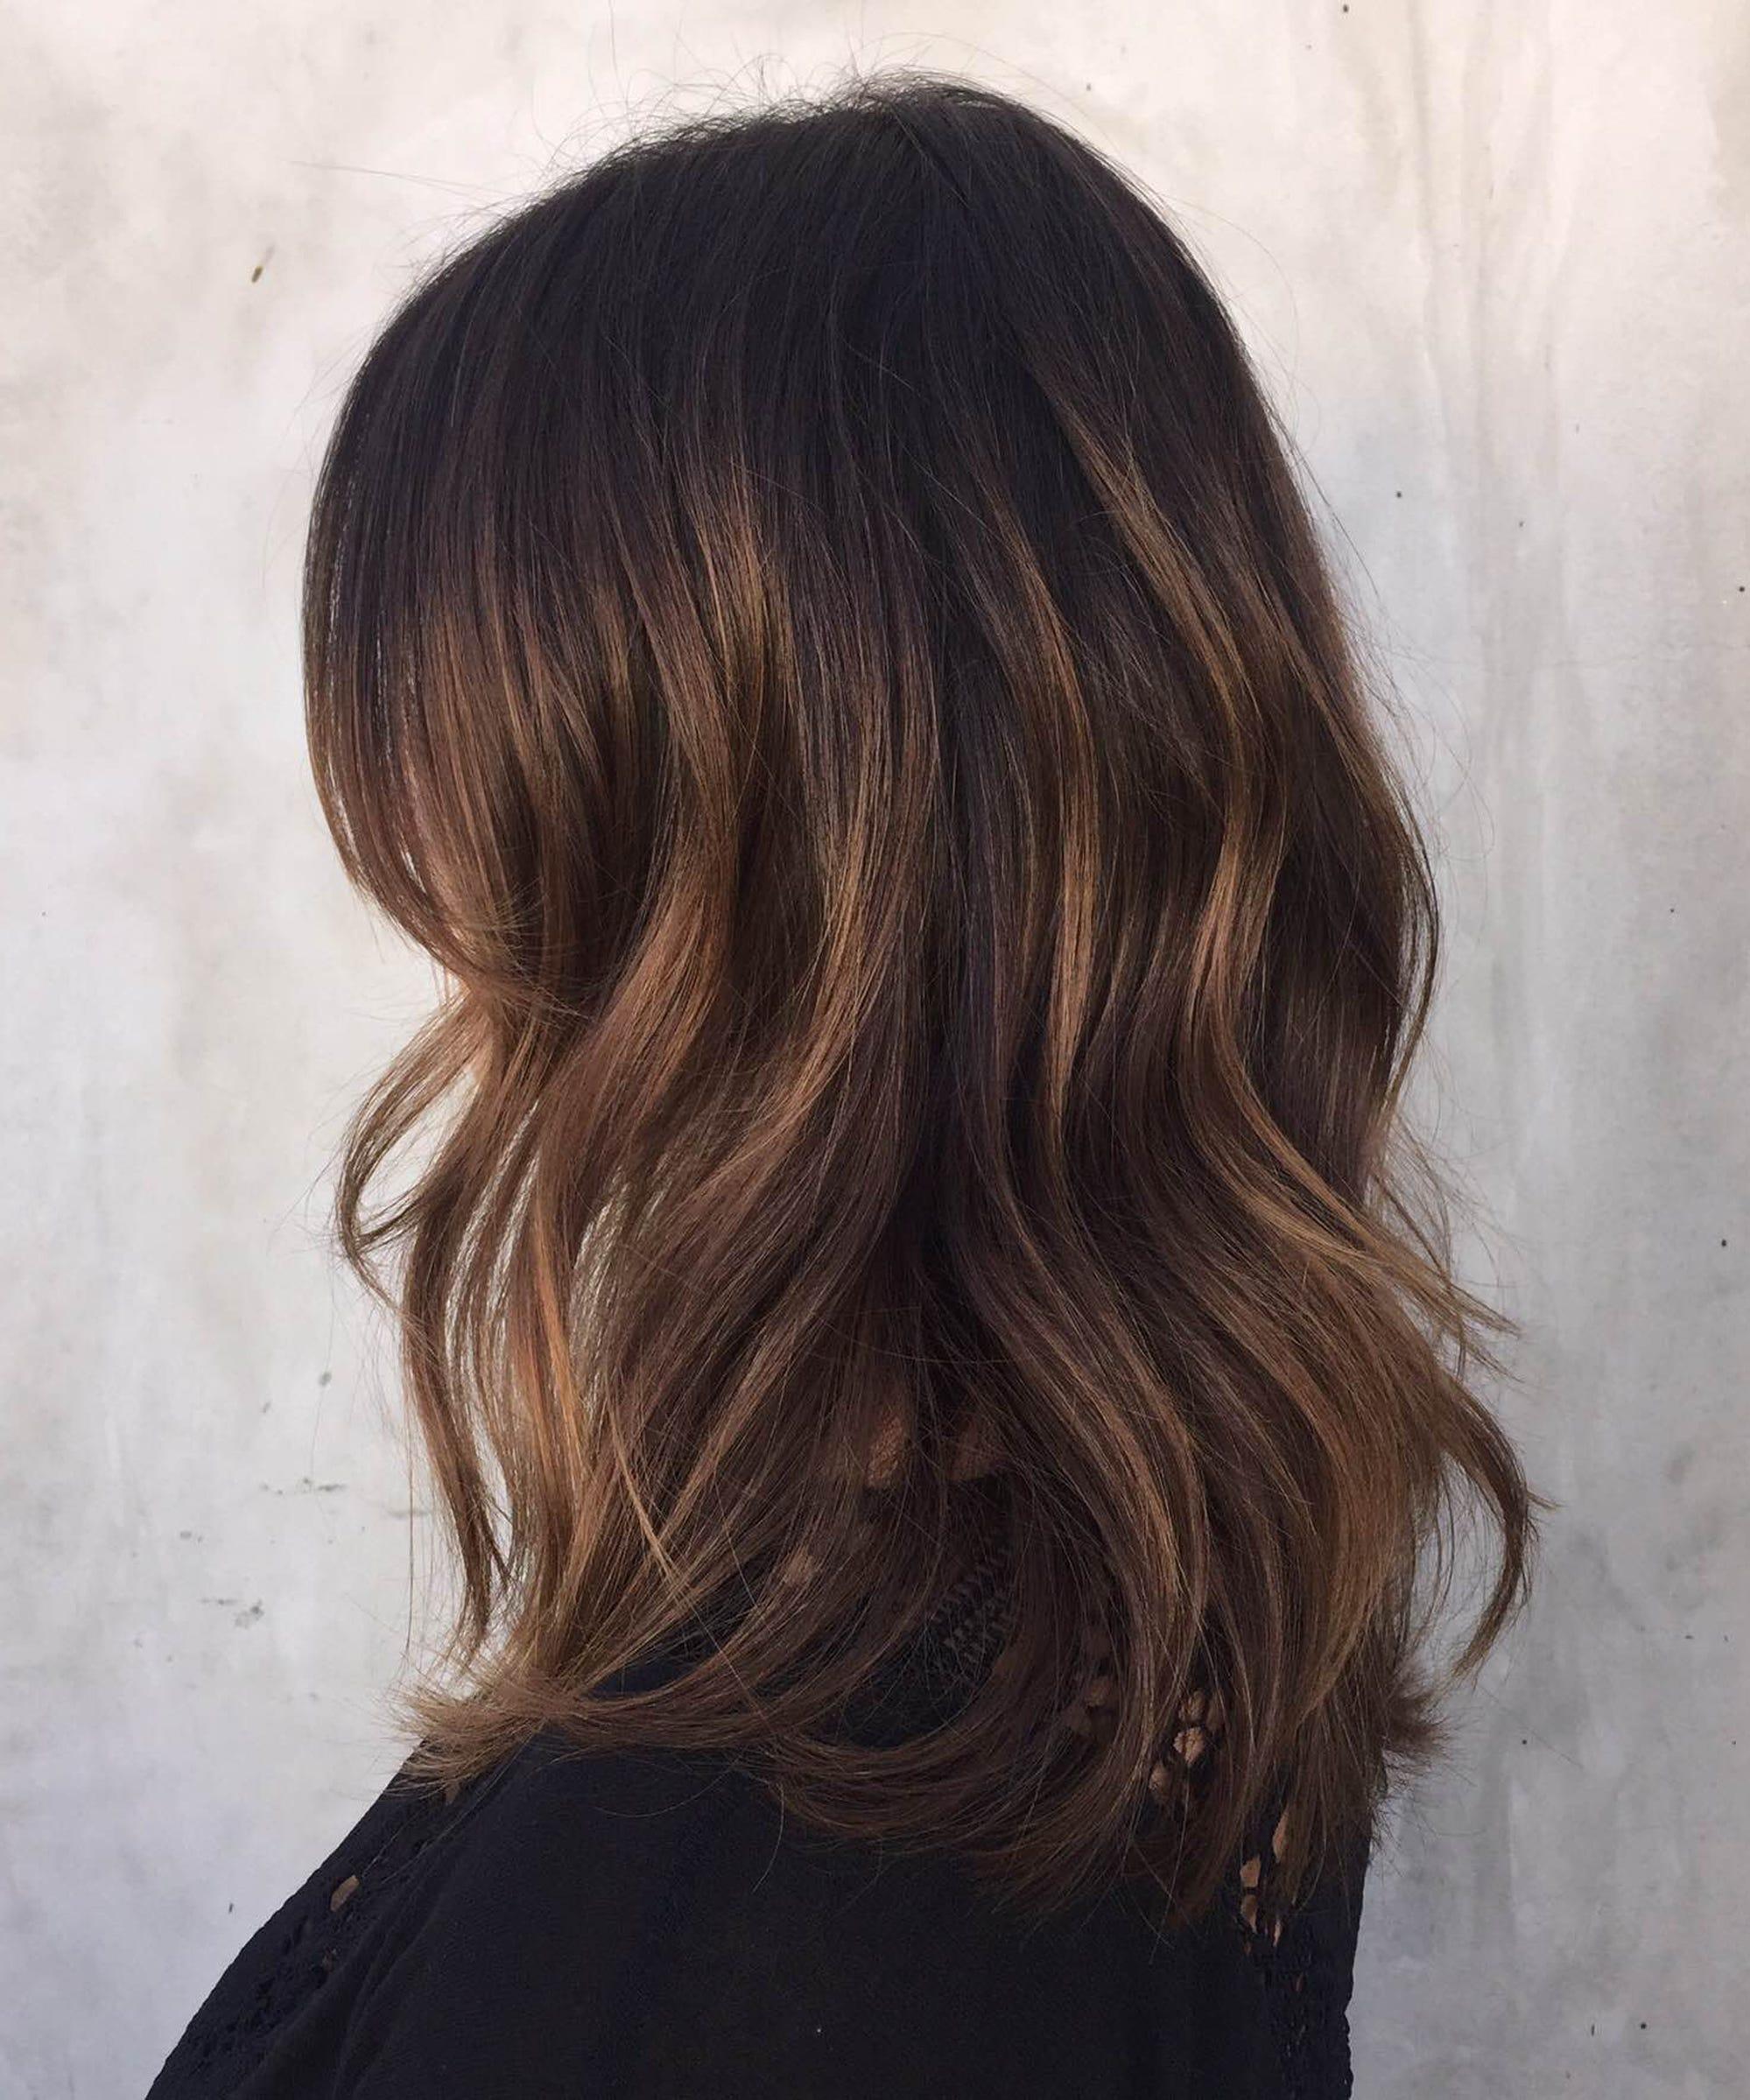 Highlighting hair problems 2017